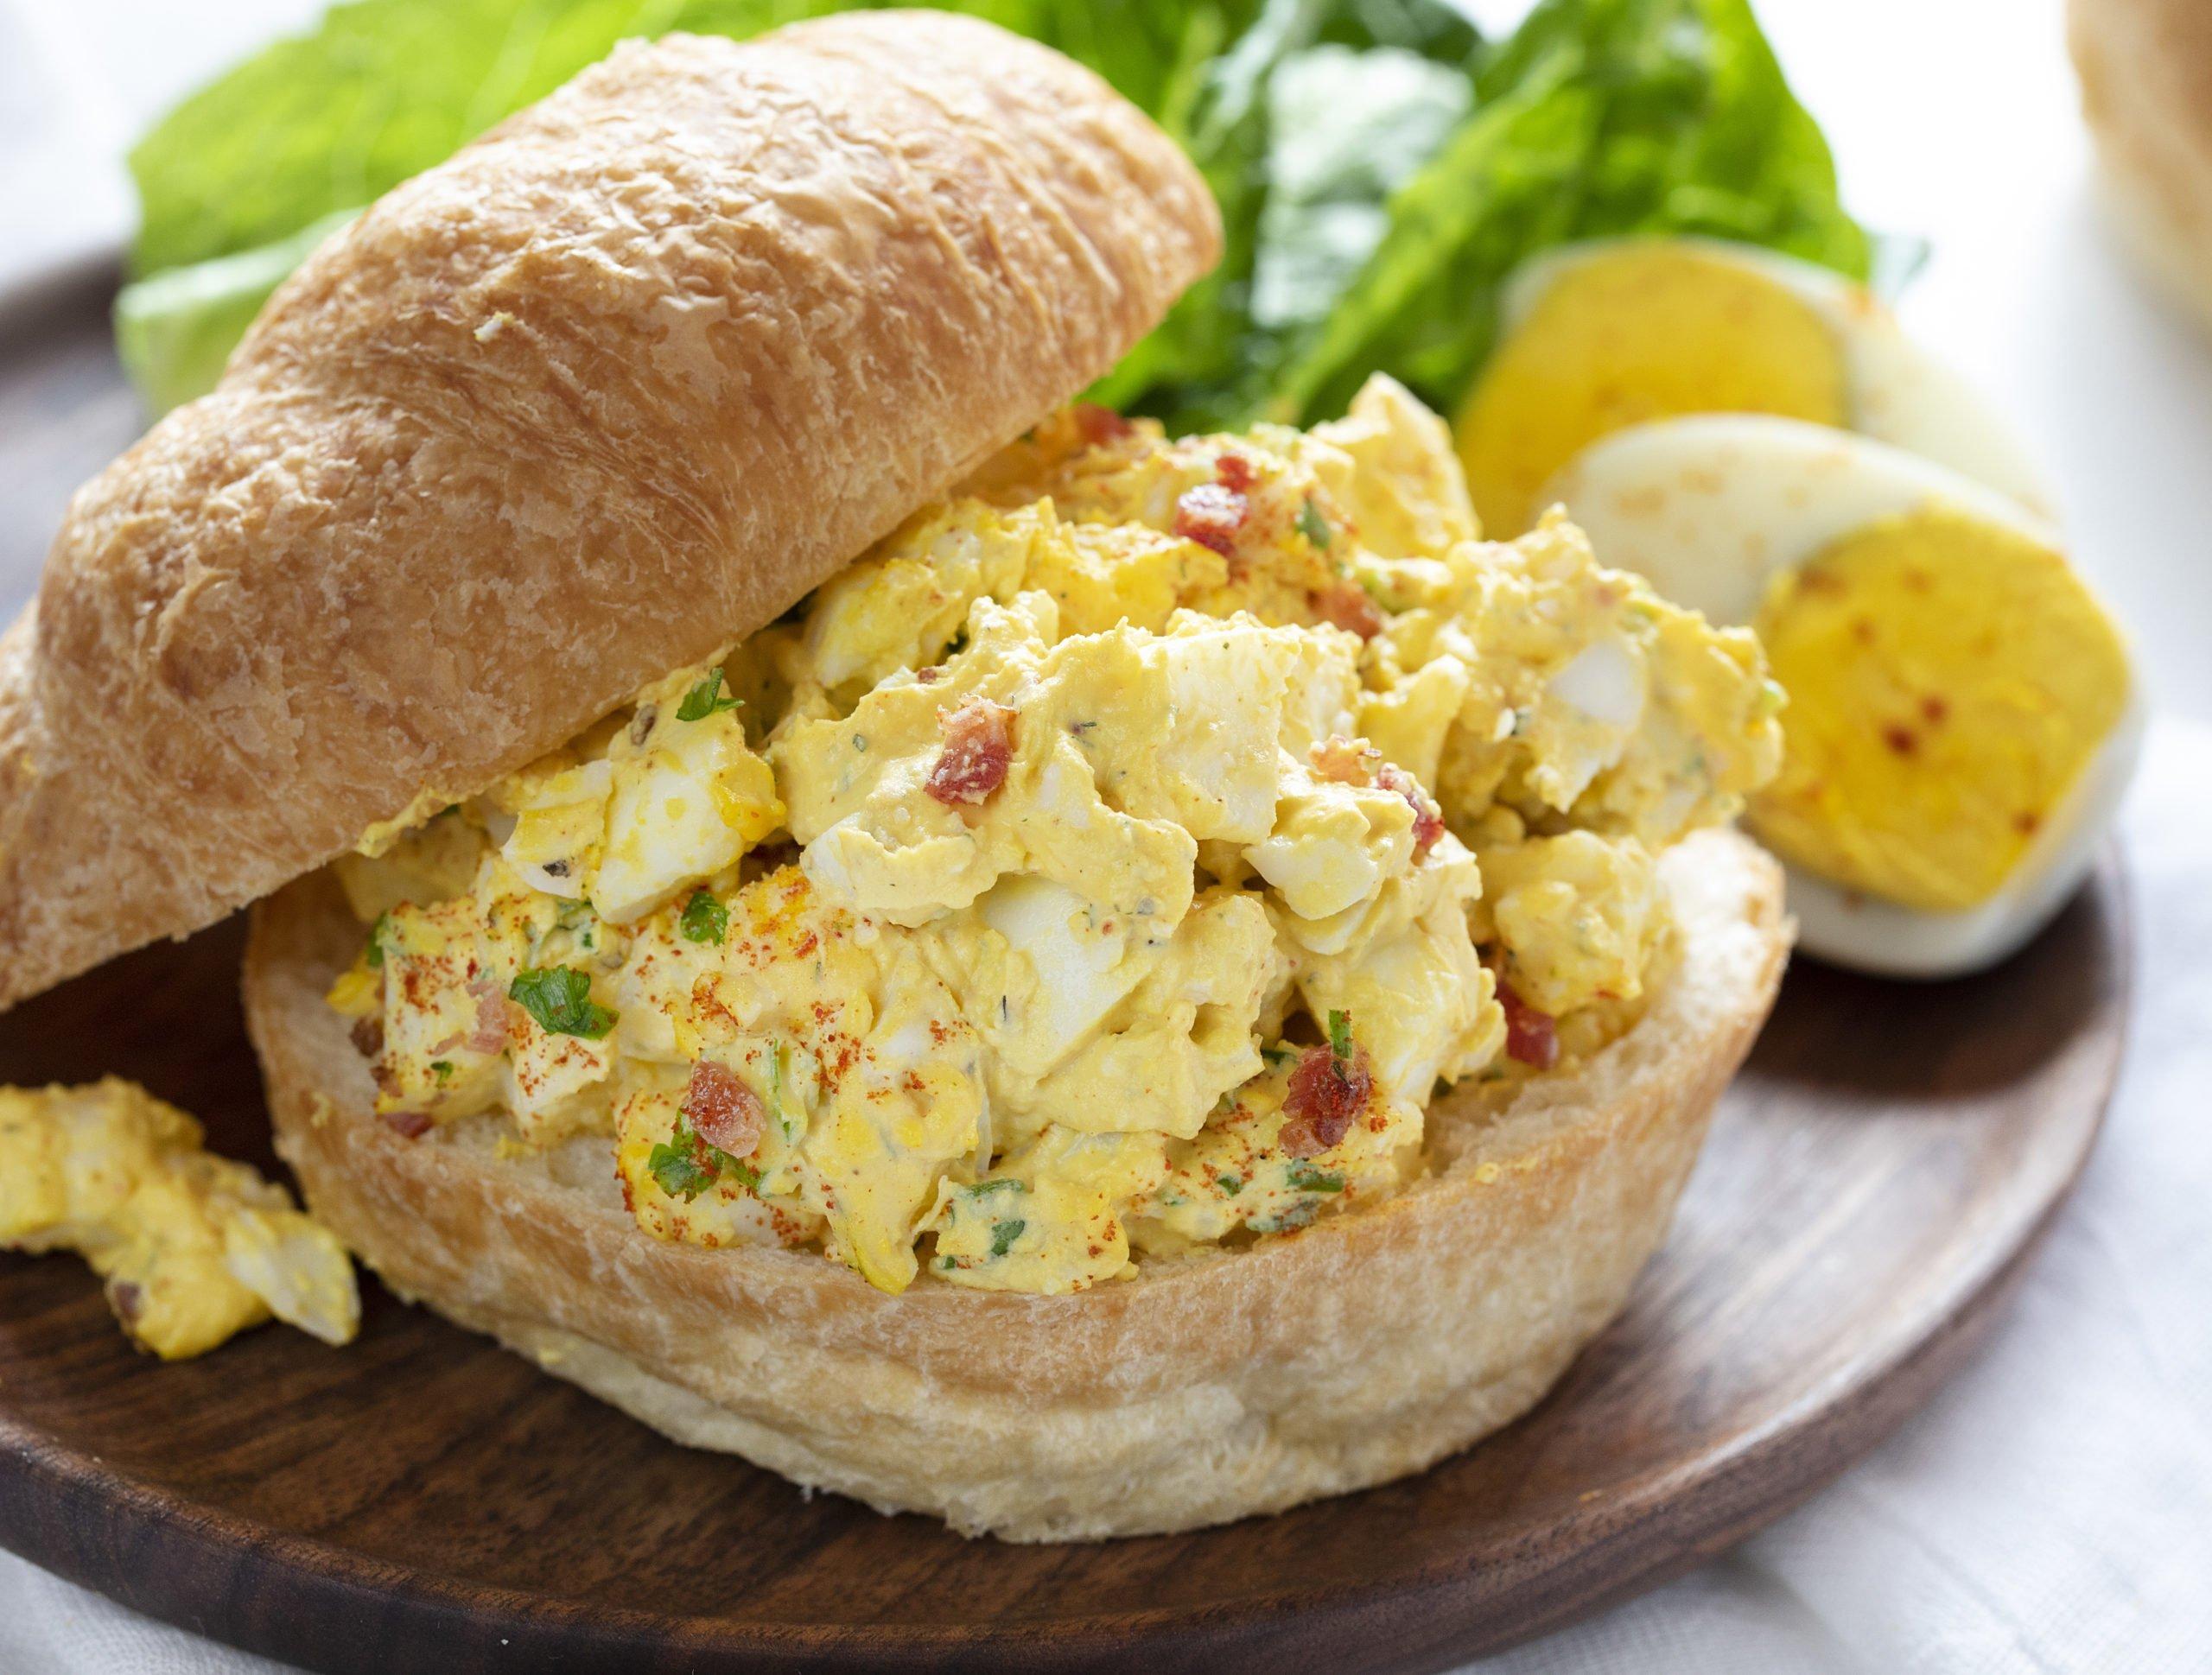 Deluxe Egg Salad Sandwich I Am Homesteader